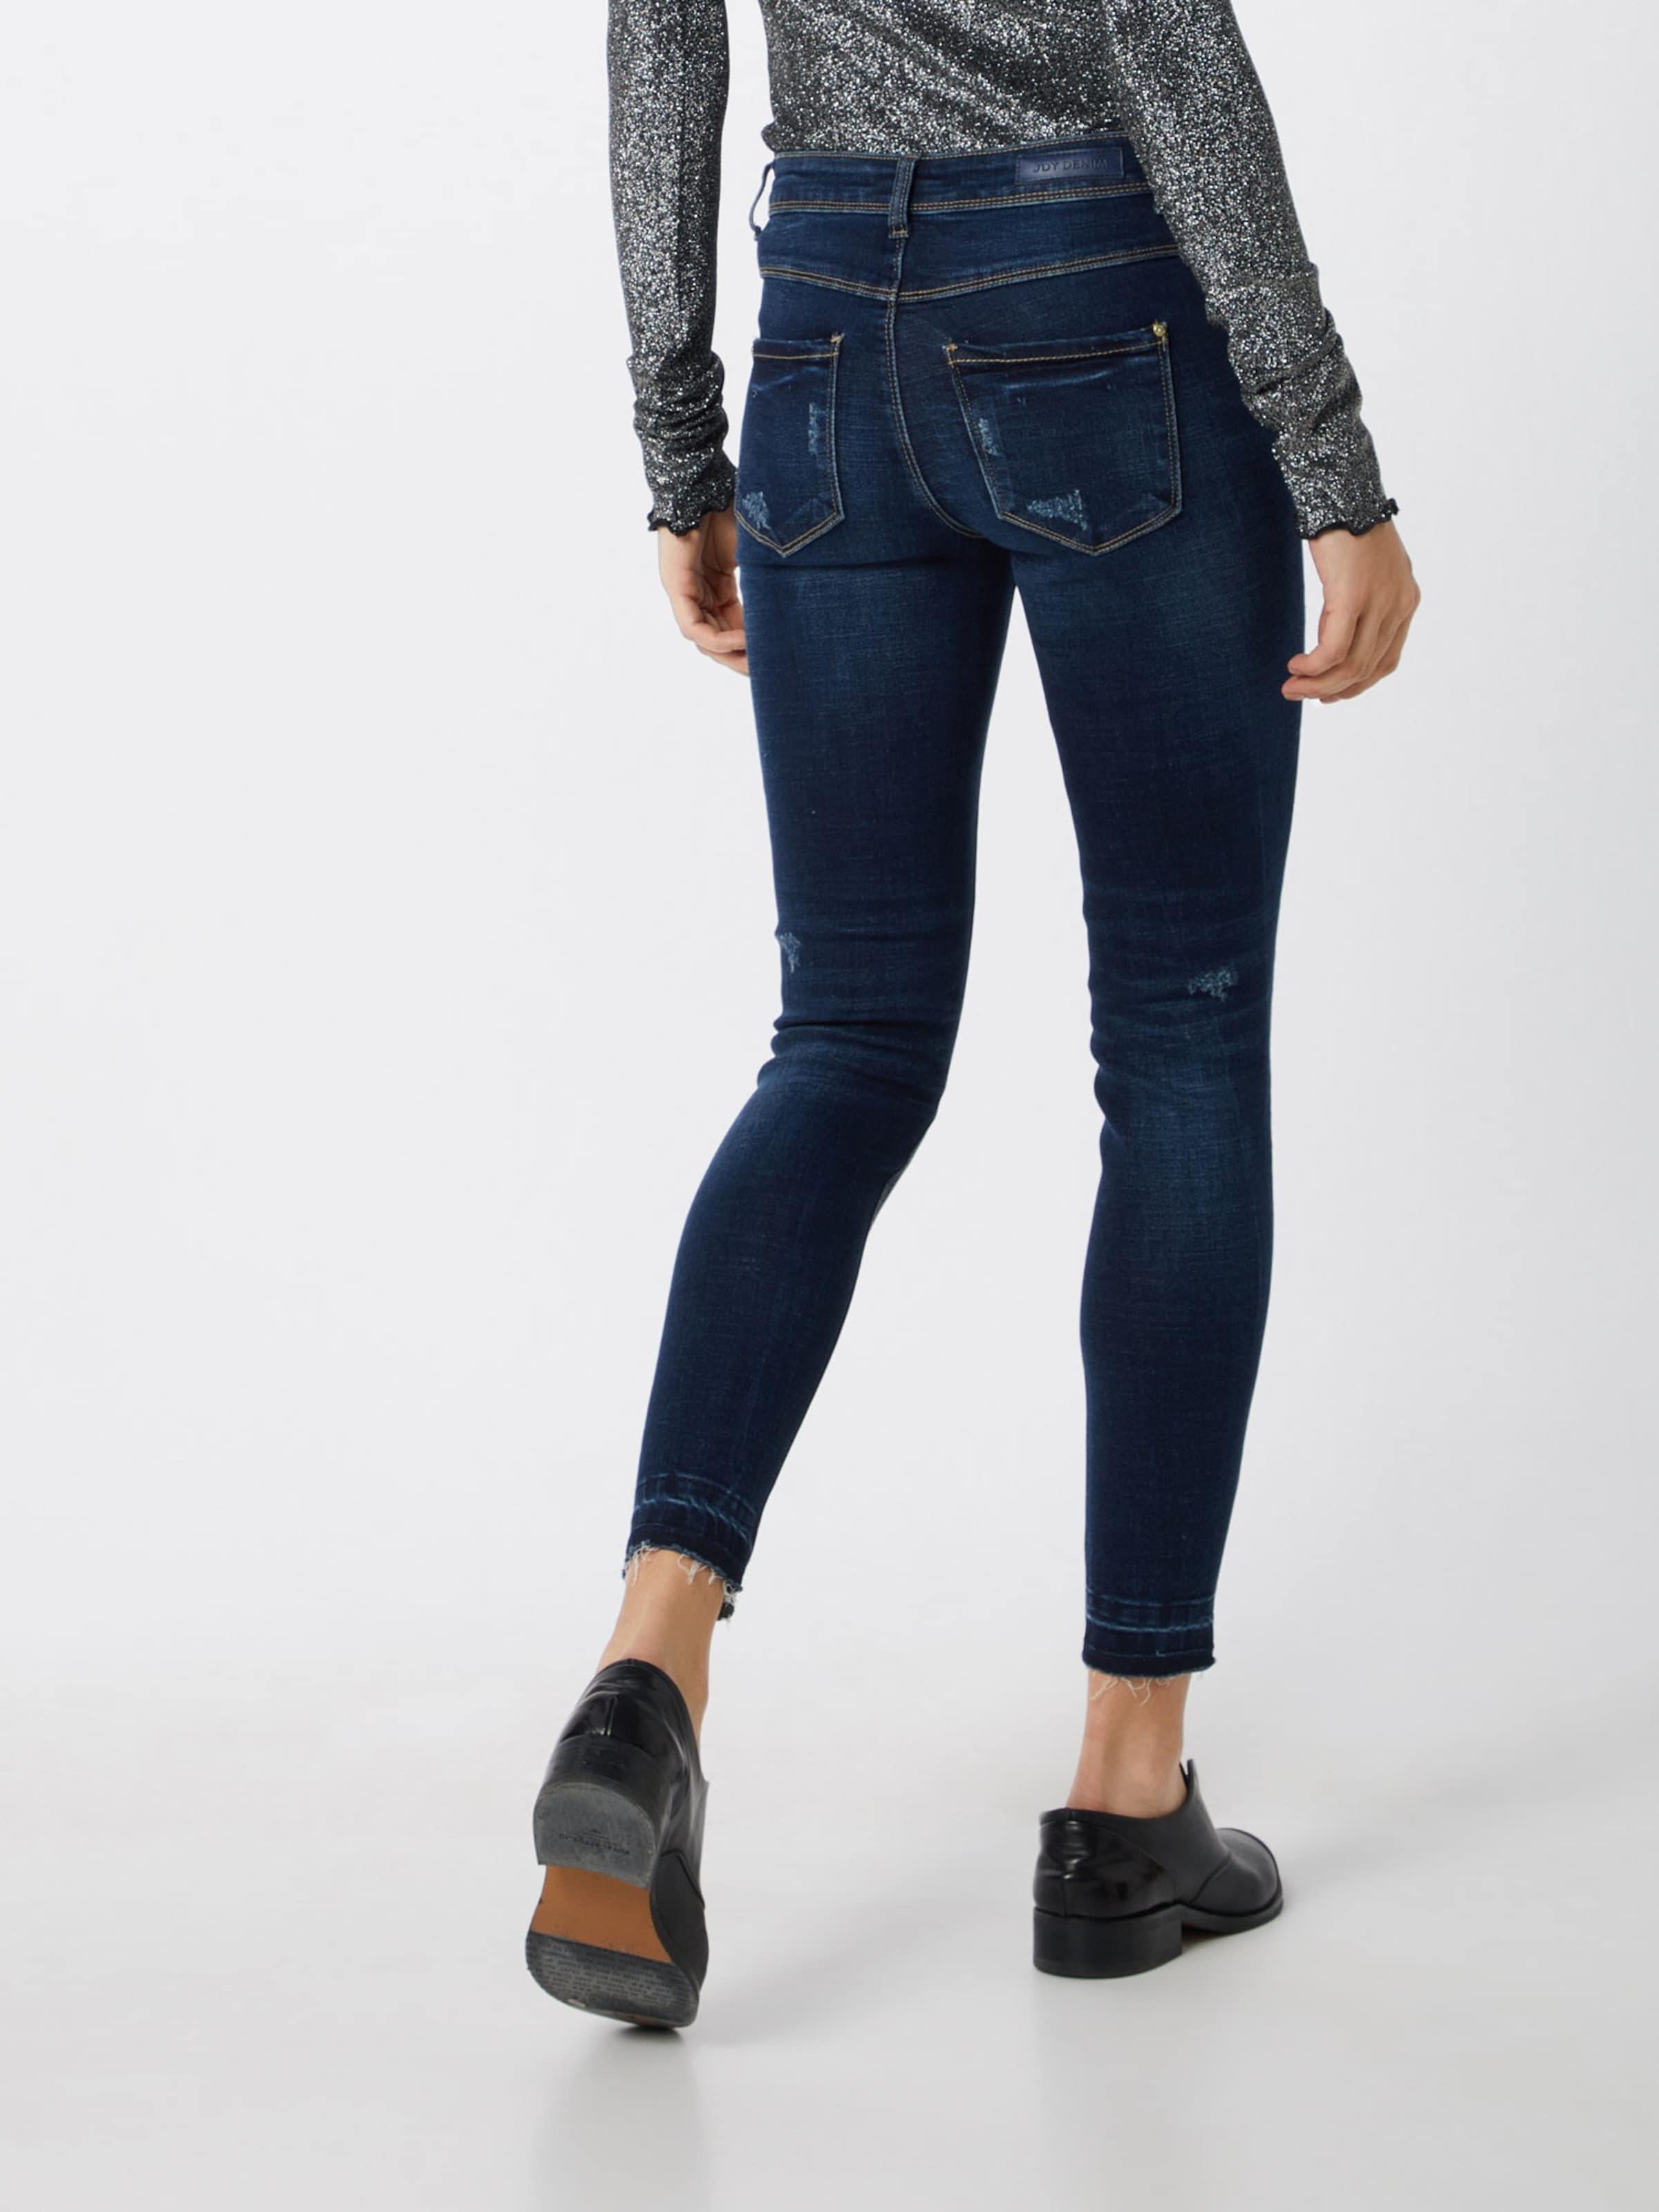 In De Donkerblauw Jeans Jacqueline Yong vnNm80w